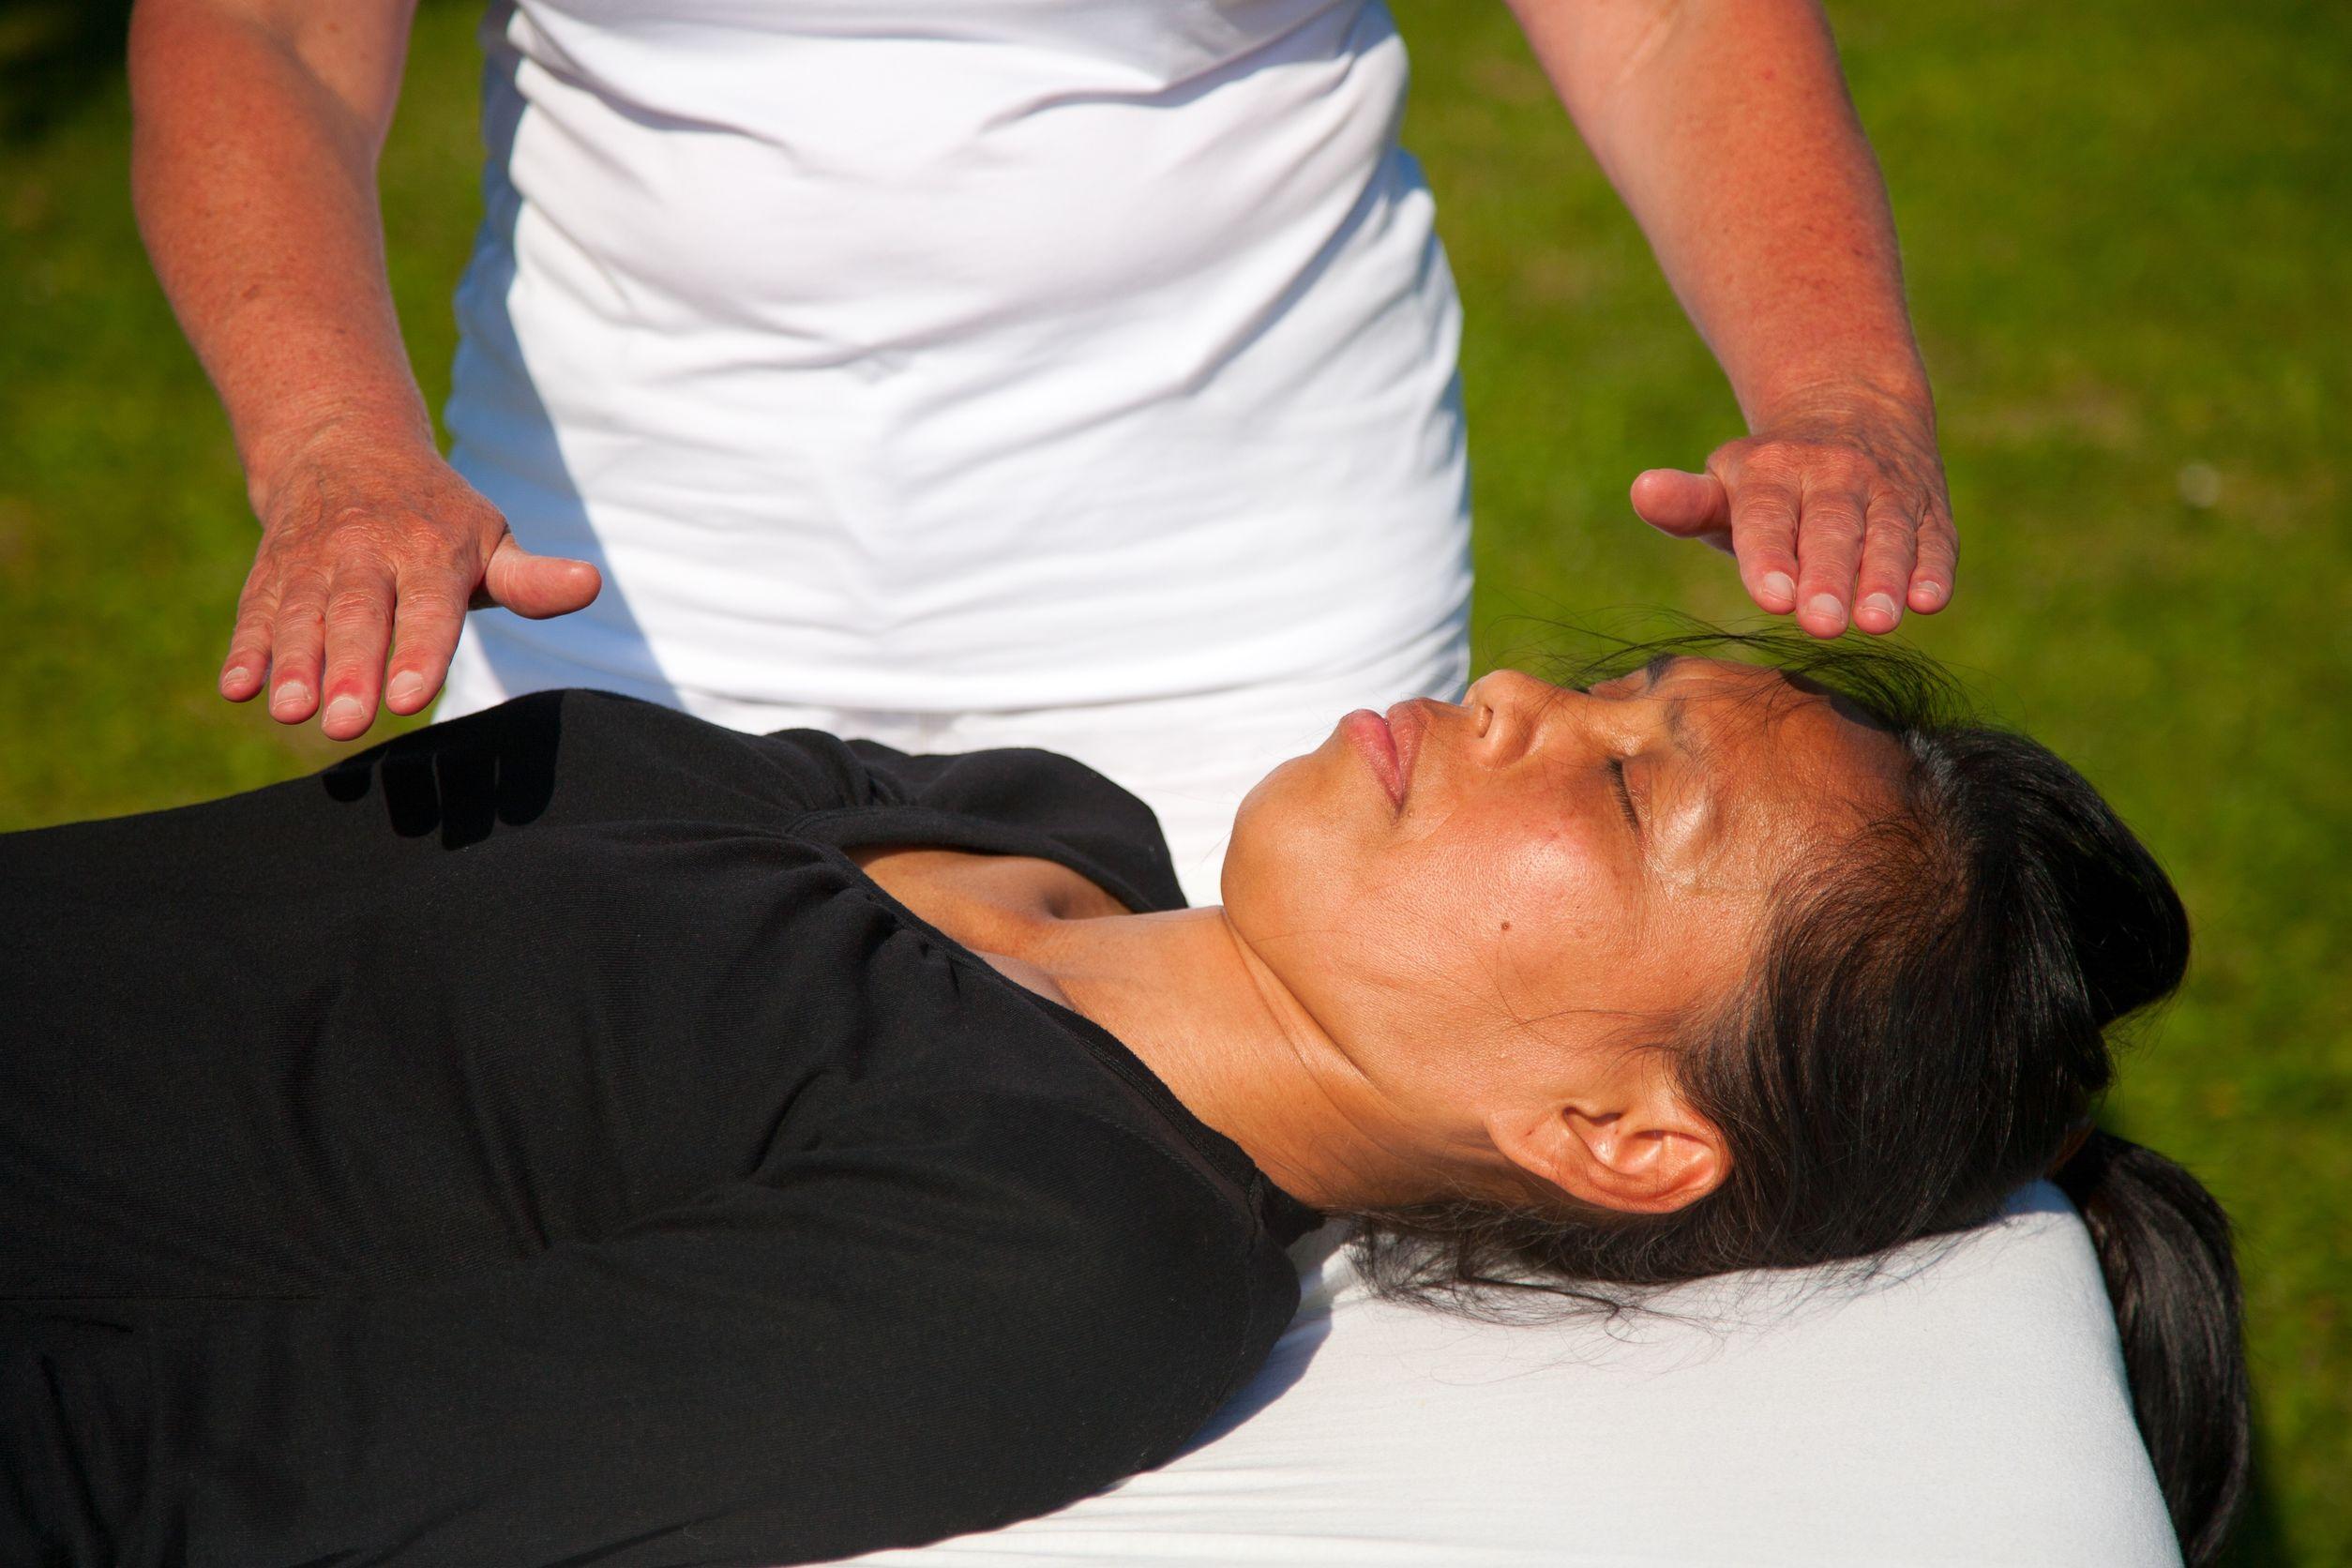 Mulher com descendência indígena deitada com os olhos fechados em uma maca recebendo uma massagem energética.